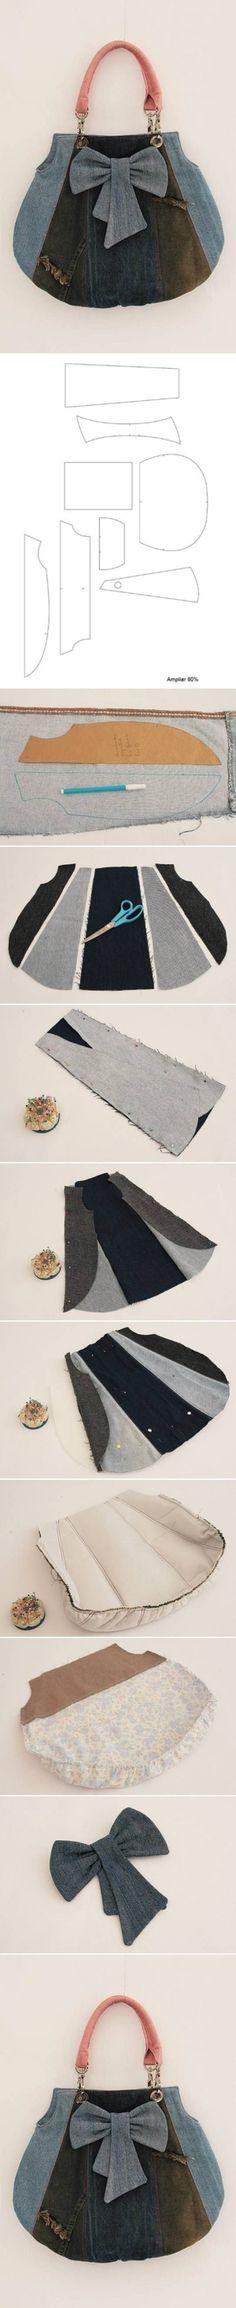 DIY Old Jeans Fashion Bag by Macarena Kreps